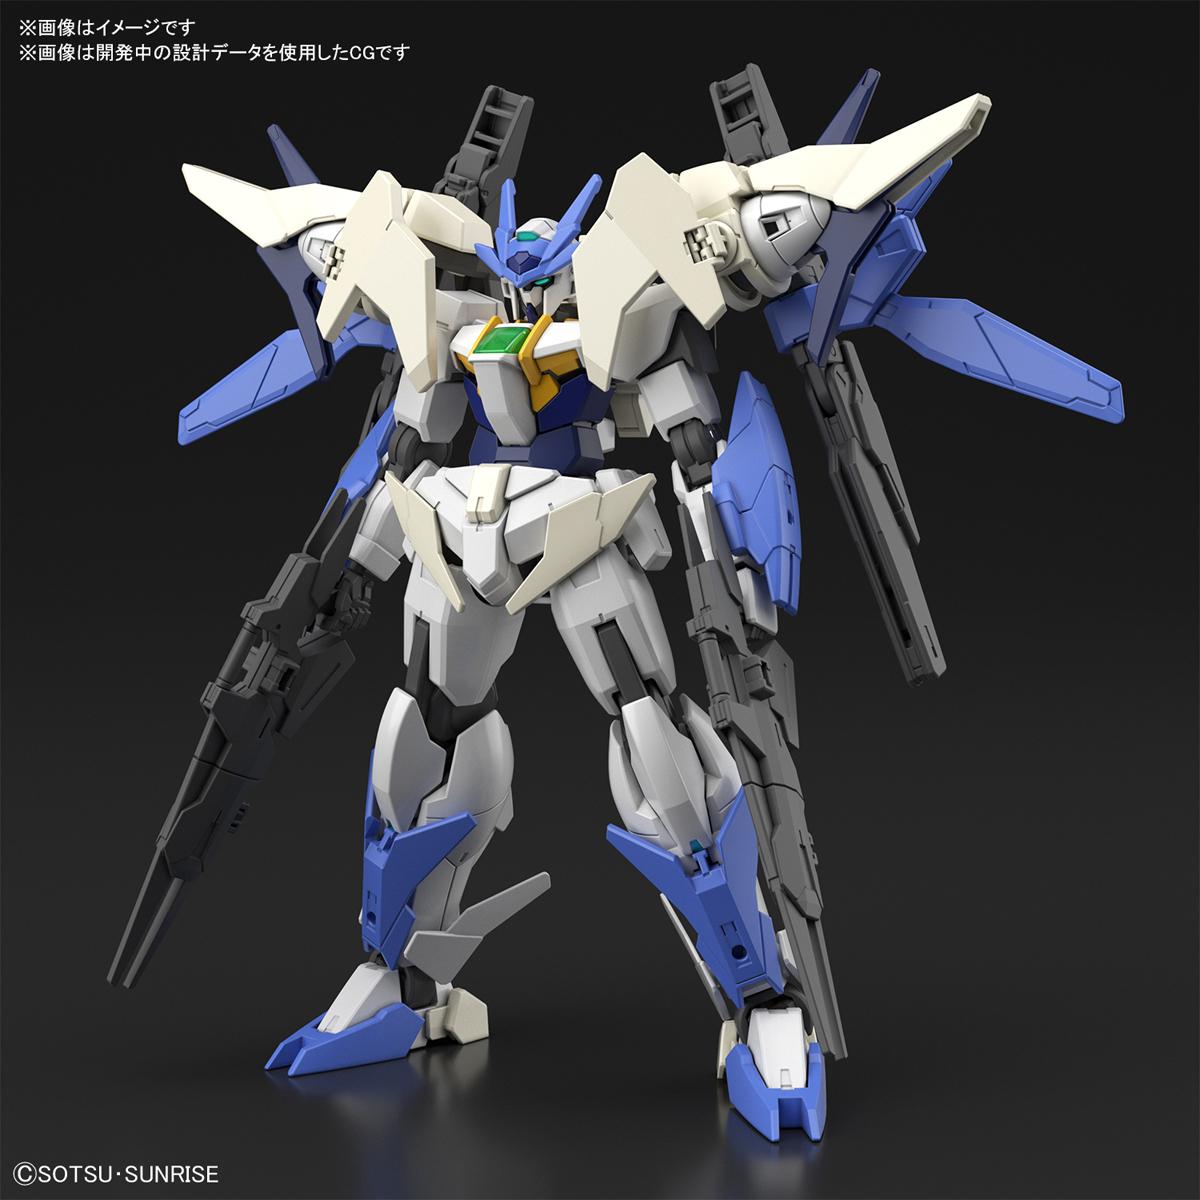 HGBD:R 1/144『ダブルオーガンダム系新機体』ガンダムビルドダイバーズRe:RISE プラモデル-001